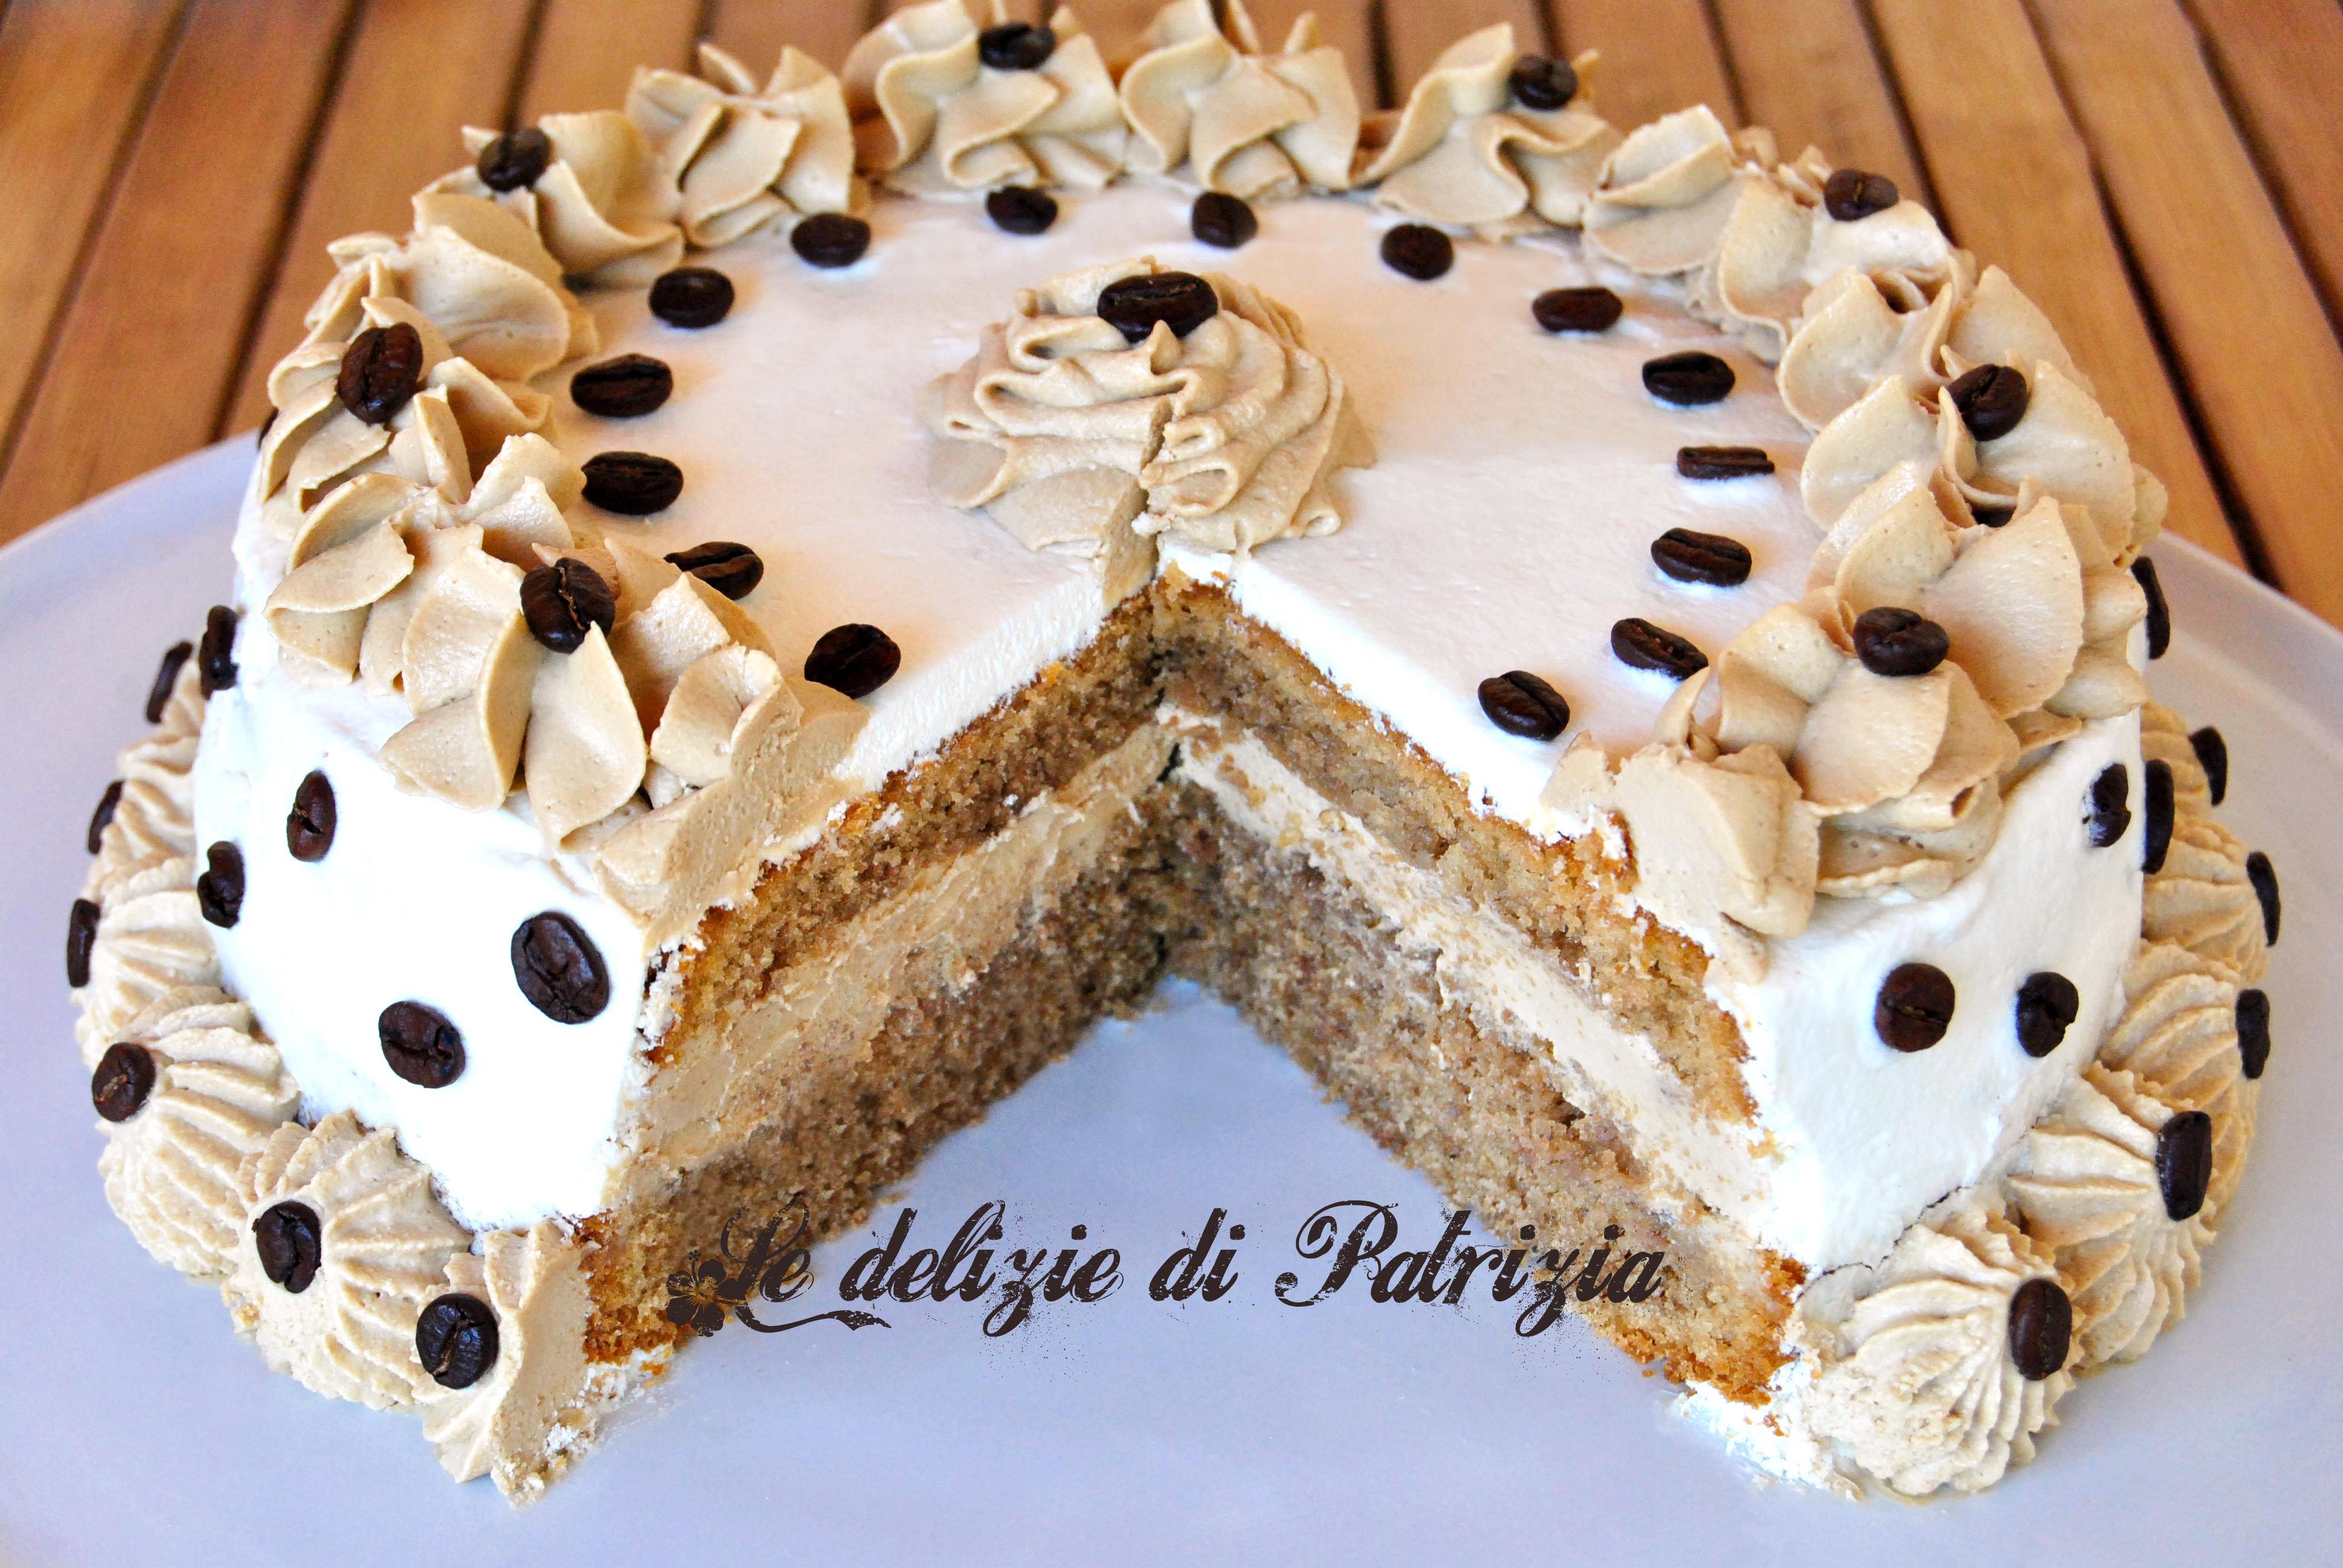 Mocha cake con ganache al caffè   Le delizie di Patrizia